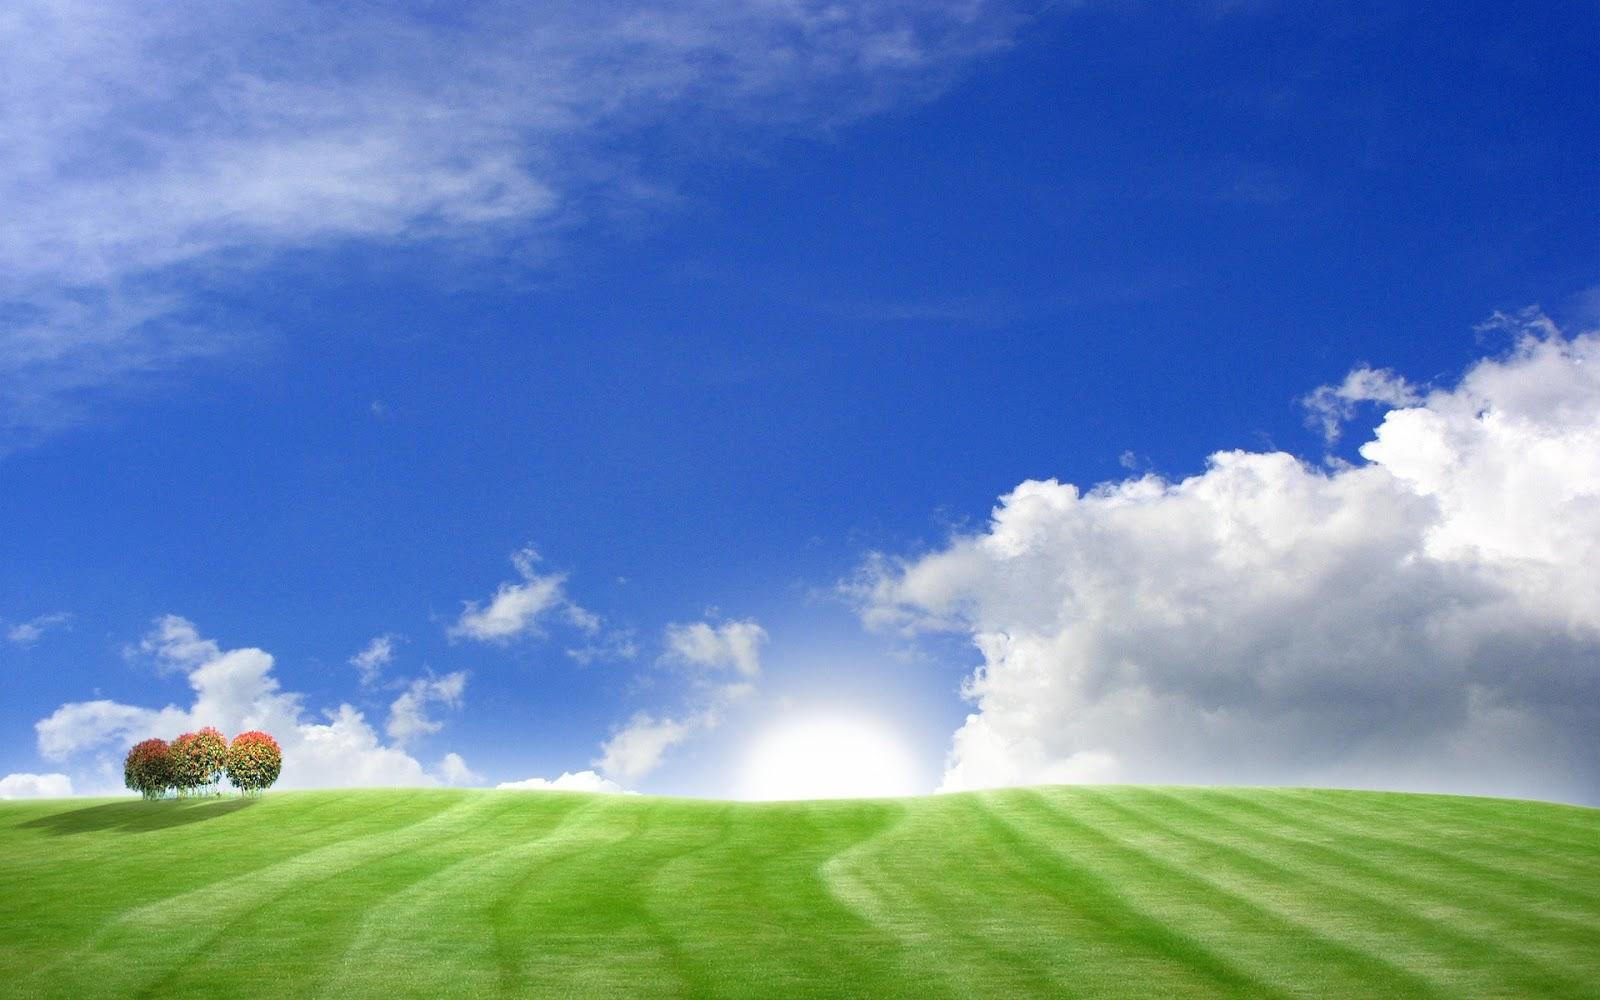 http://1.bp.blogspot.com/-_LbU2IZjJsI/UOW42Q_I8XI/AAAAAAAAAGY/6H6V_YZDaqo/s1600/spring-landscape-wallpaper.jpg